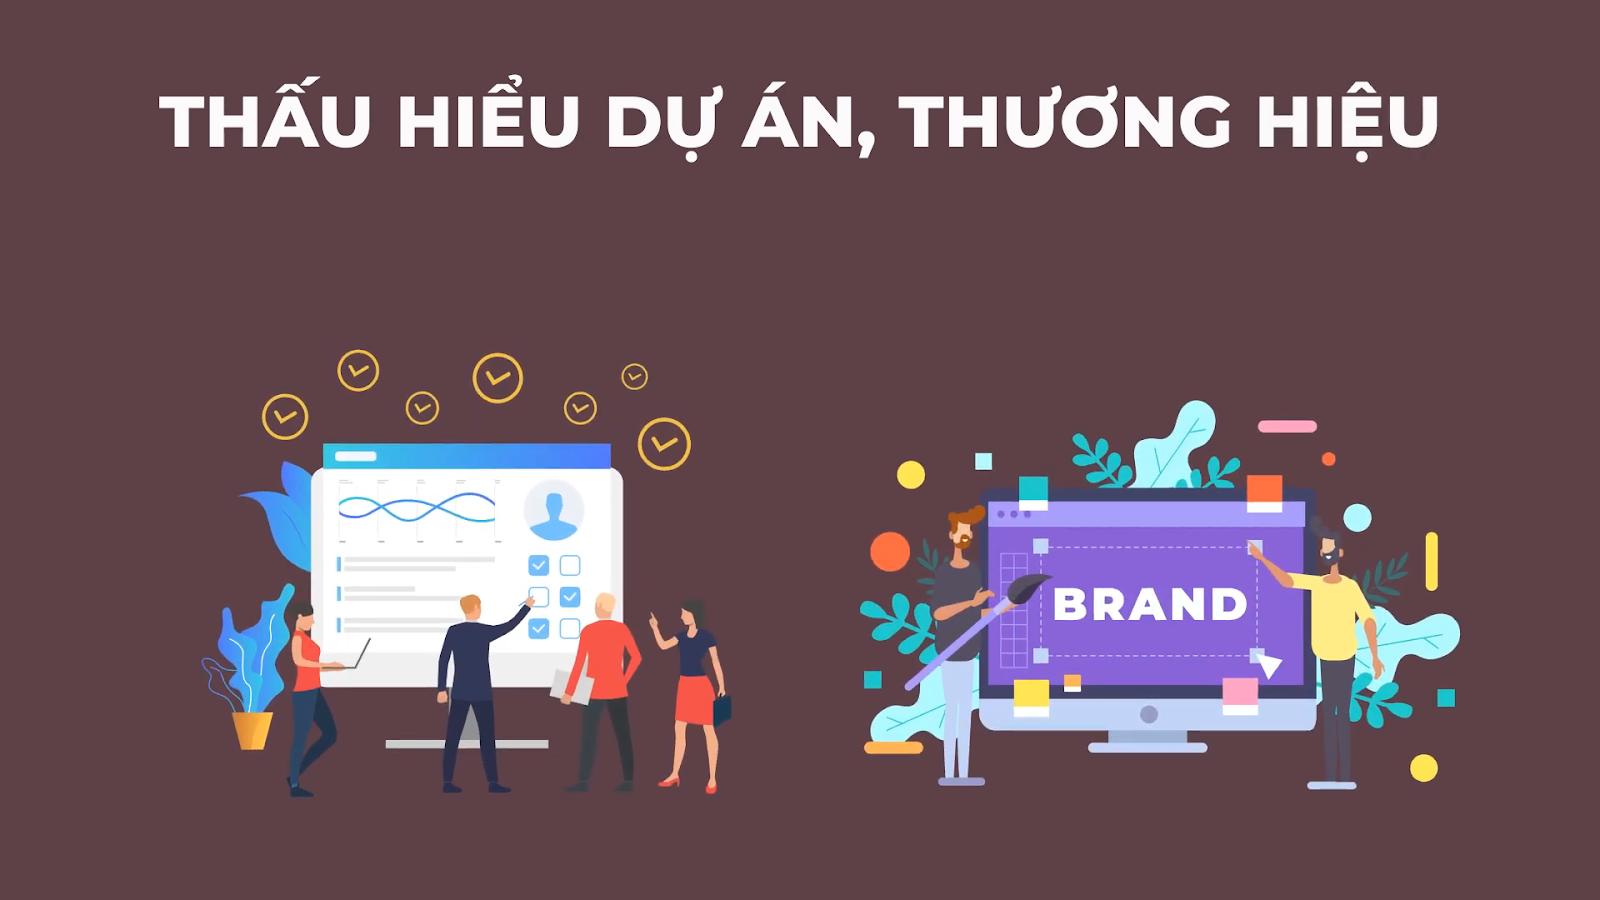 doi-ngu-marketing-in-house-se-la-nhung-nguoi-thau-hieu-du-an-thuong-hieu-nhat